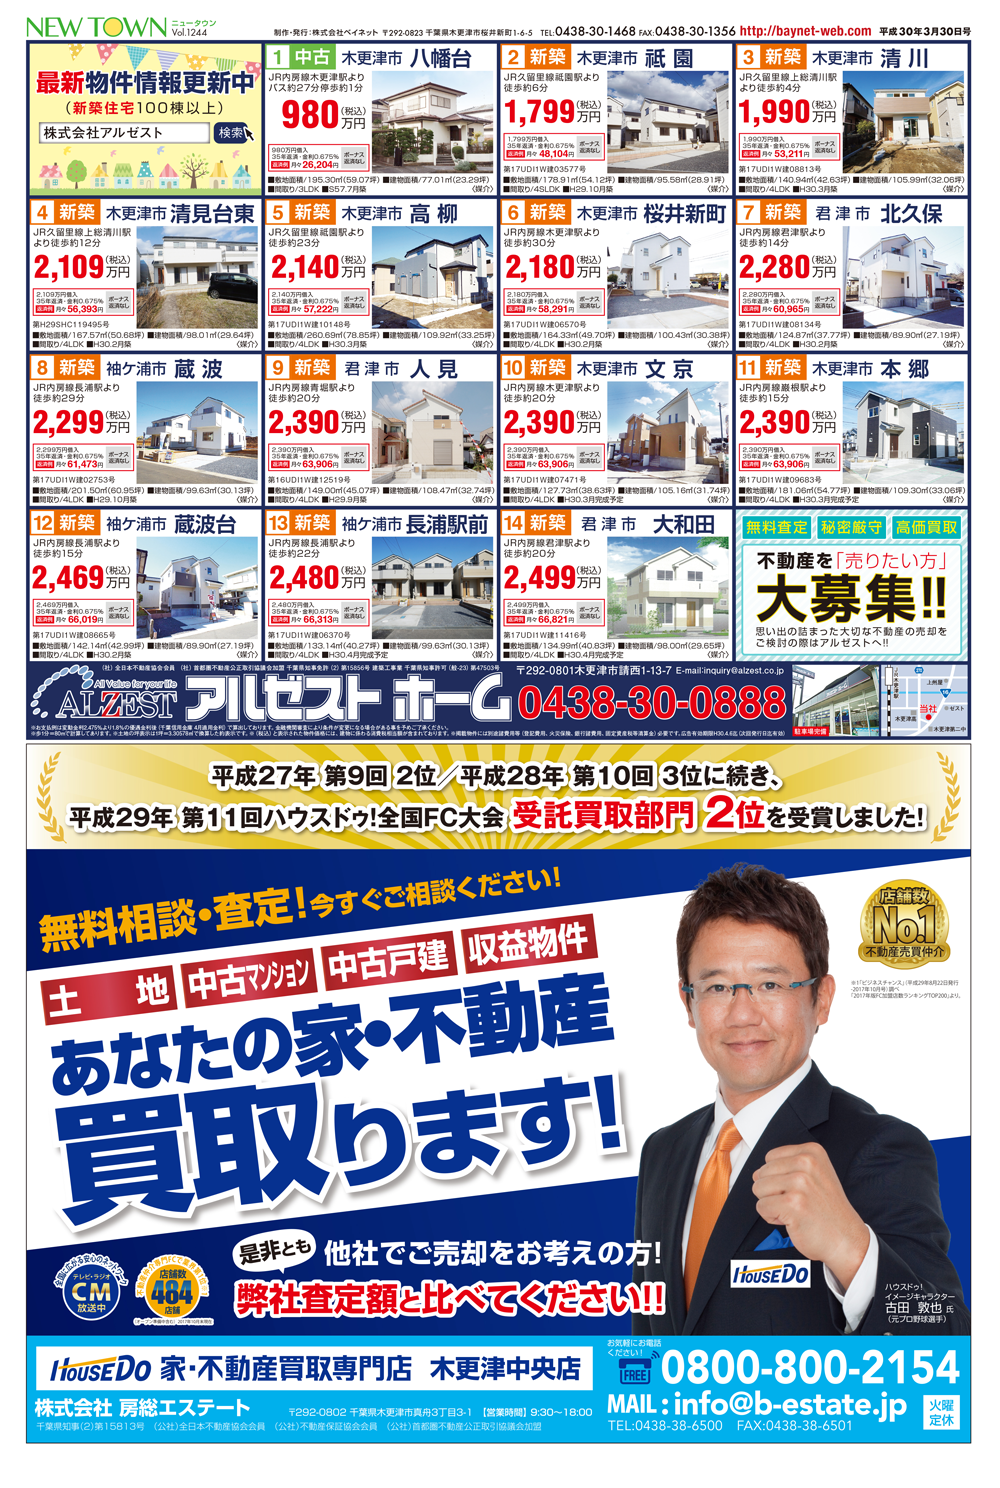 新昭和ウィザース東関東南総用地課 房総エステート エムティーエス